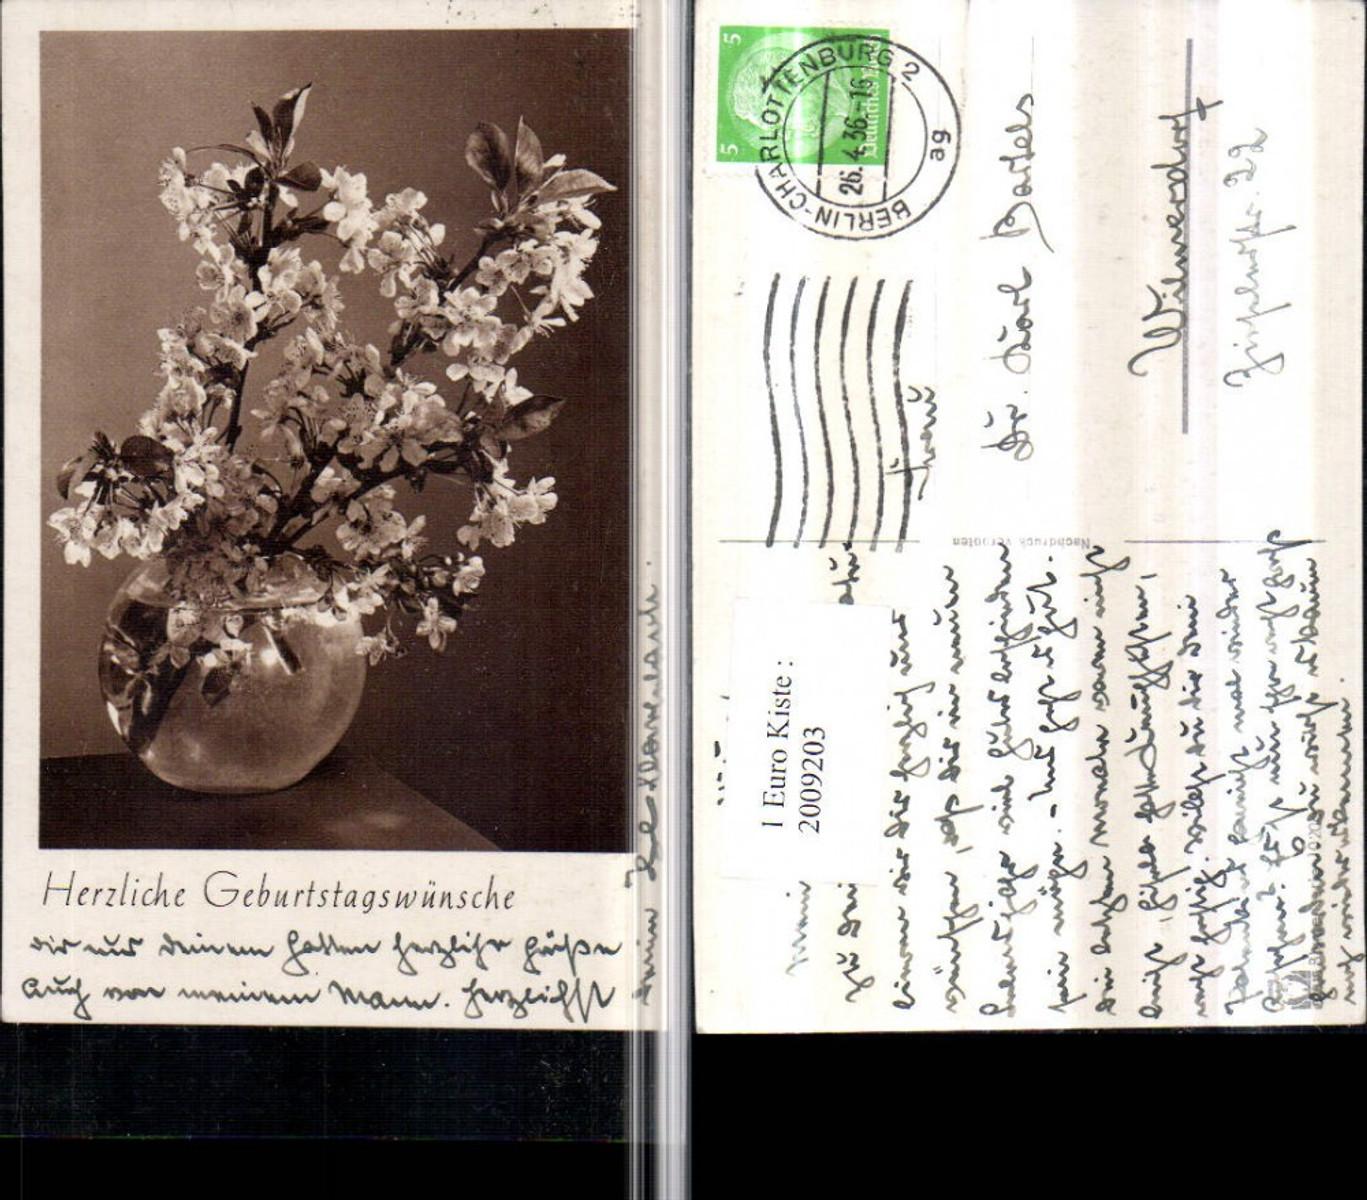 2009203,Geburtstag Blumenvase Vase Blütenzweige günstig online kaufen